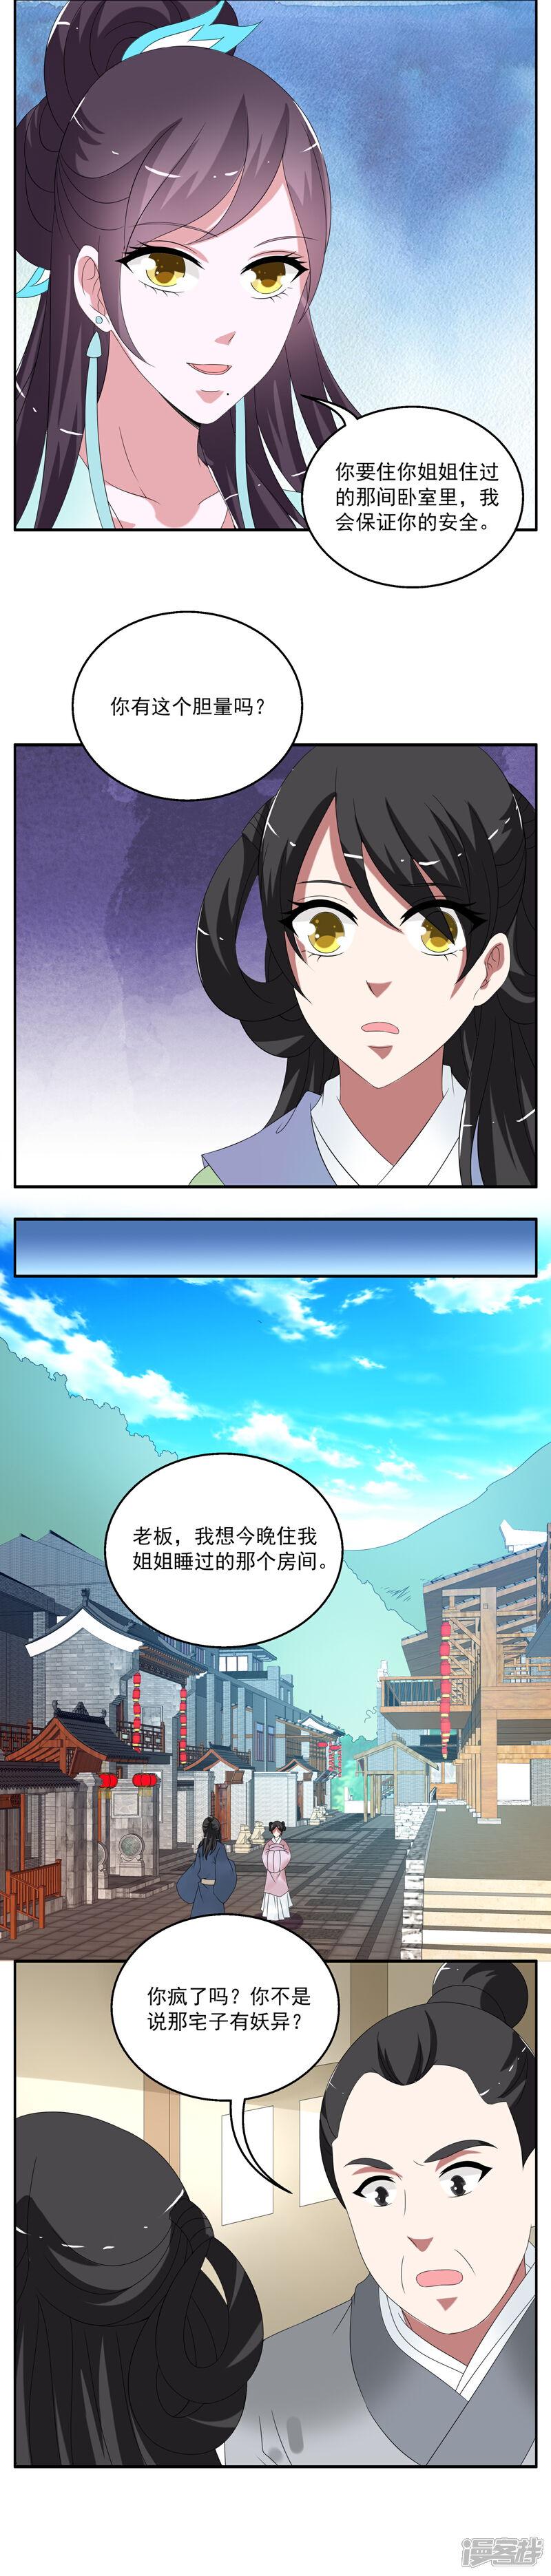 洛小妖164 (5).JPG